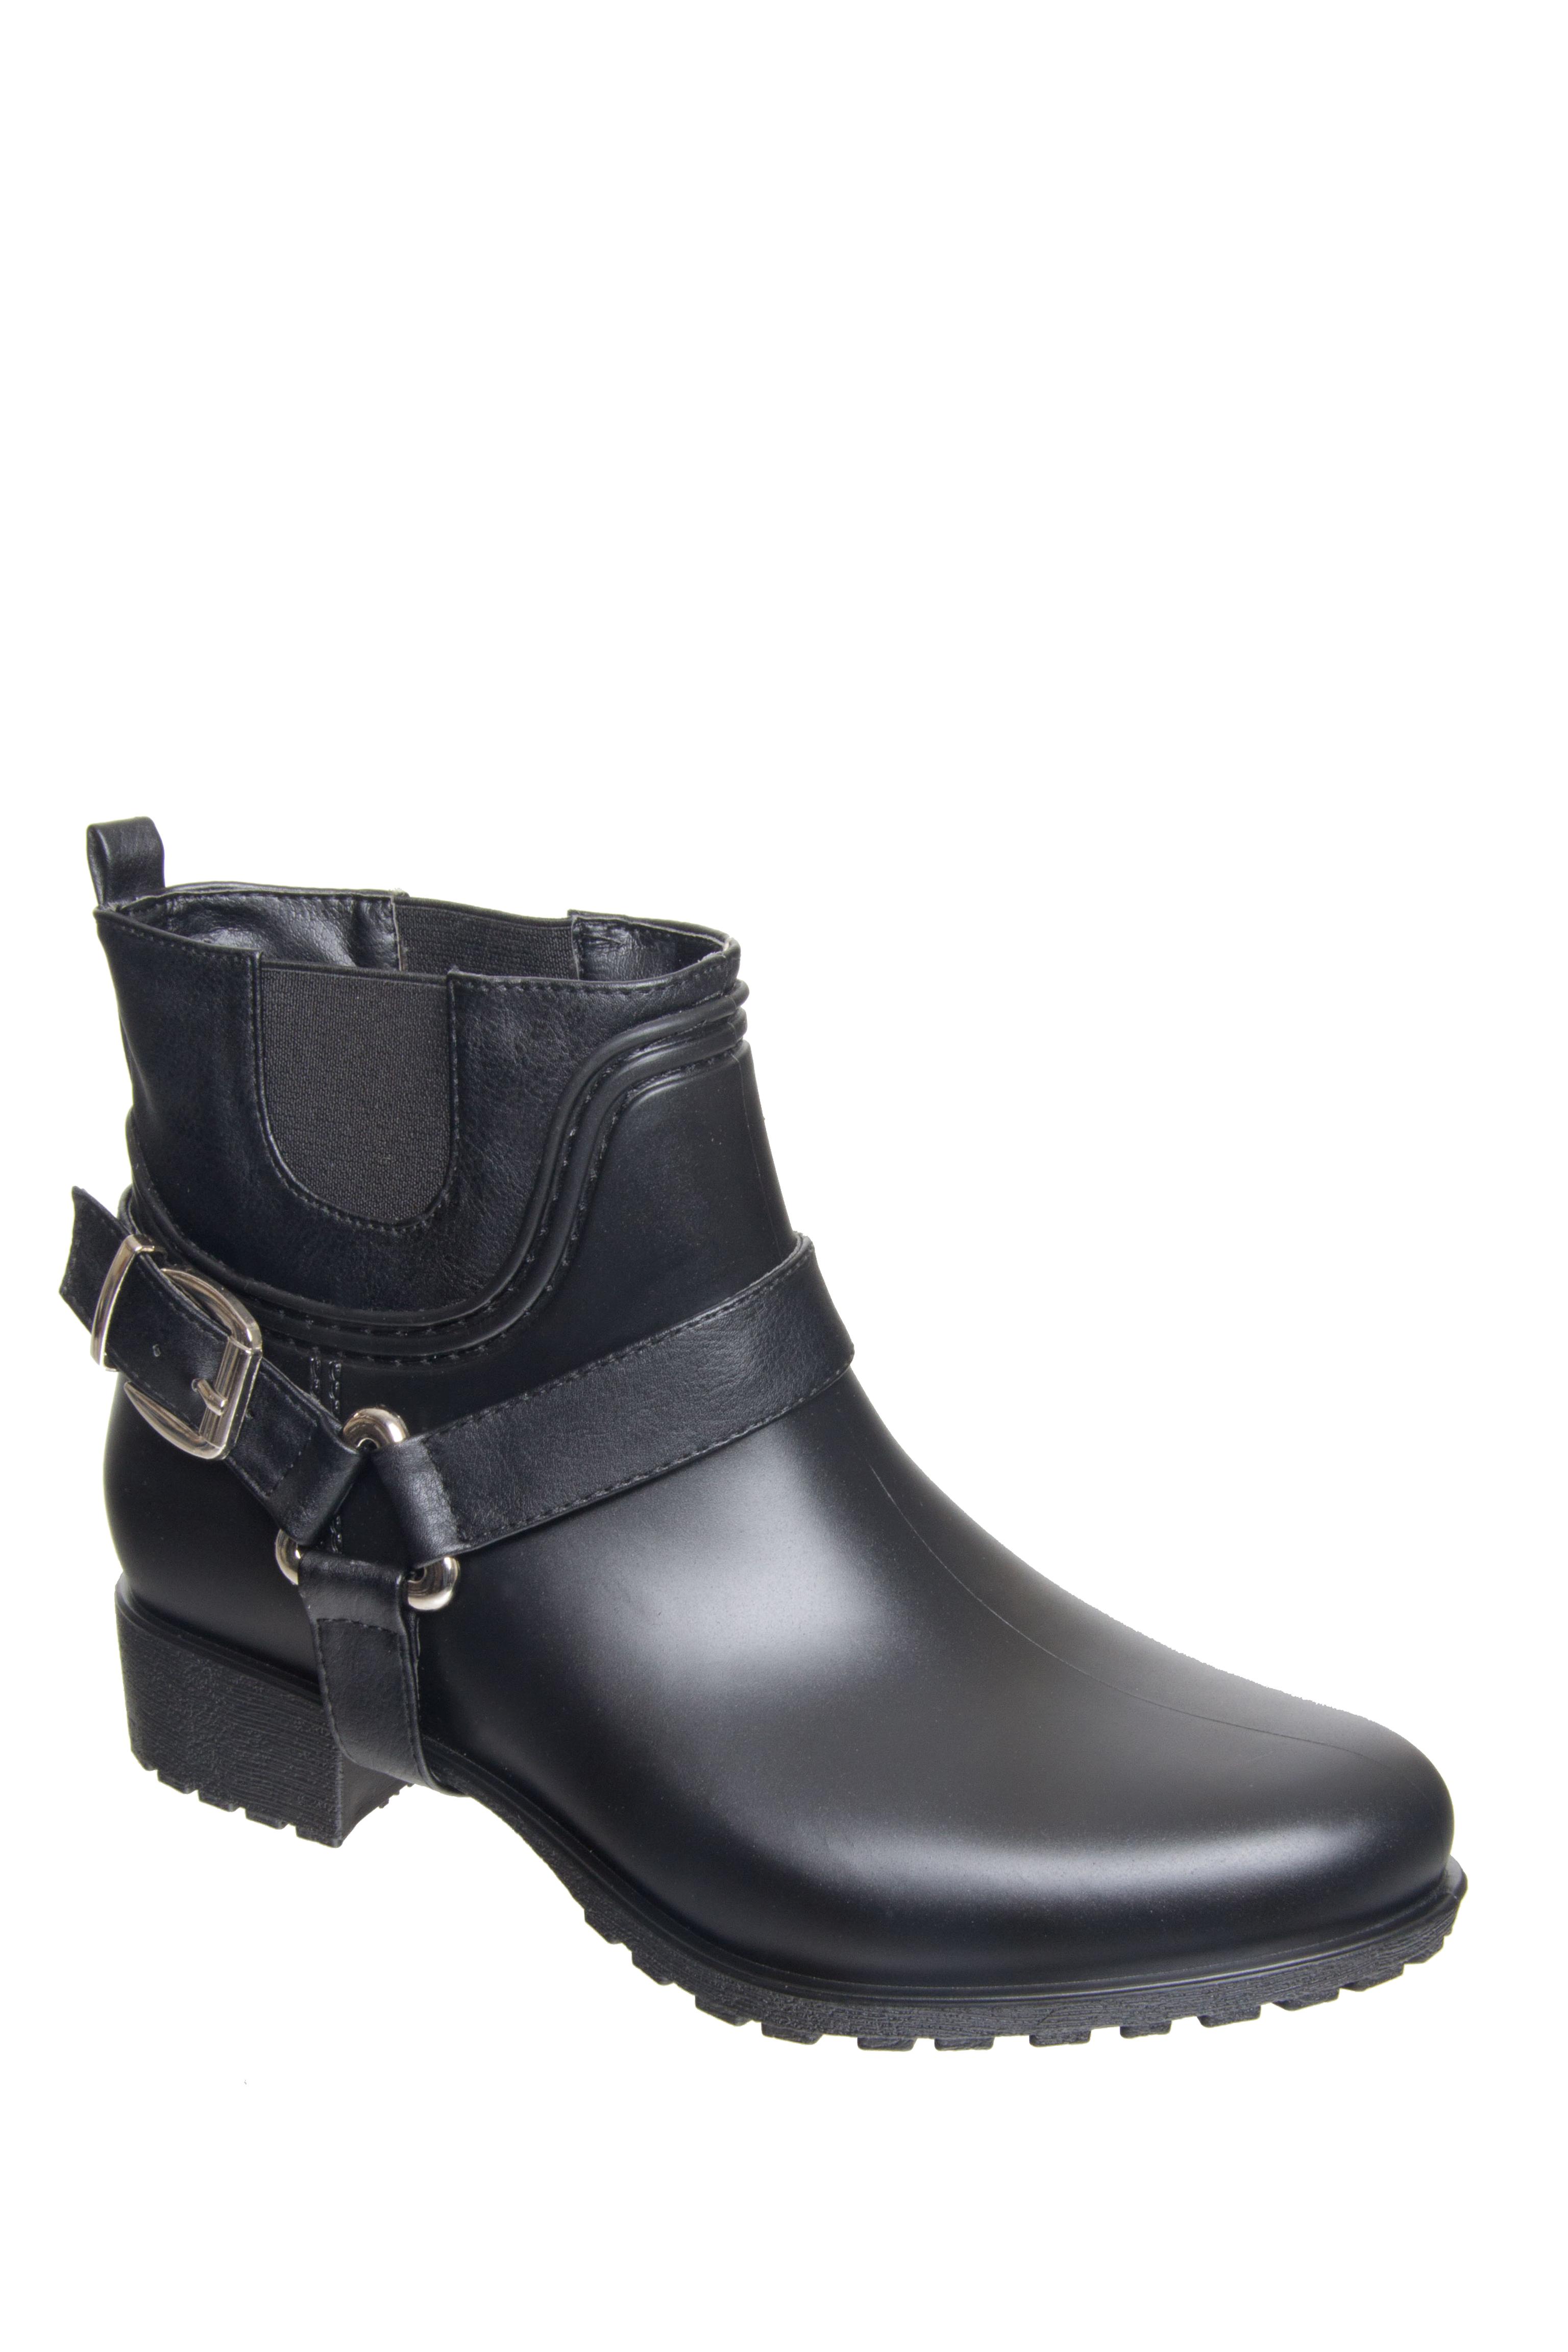 dav Rue Mid Heel Rain Boots - Black